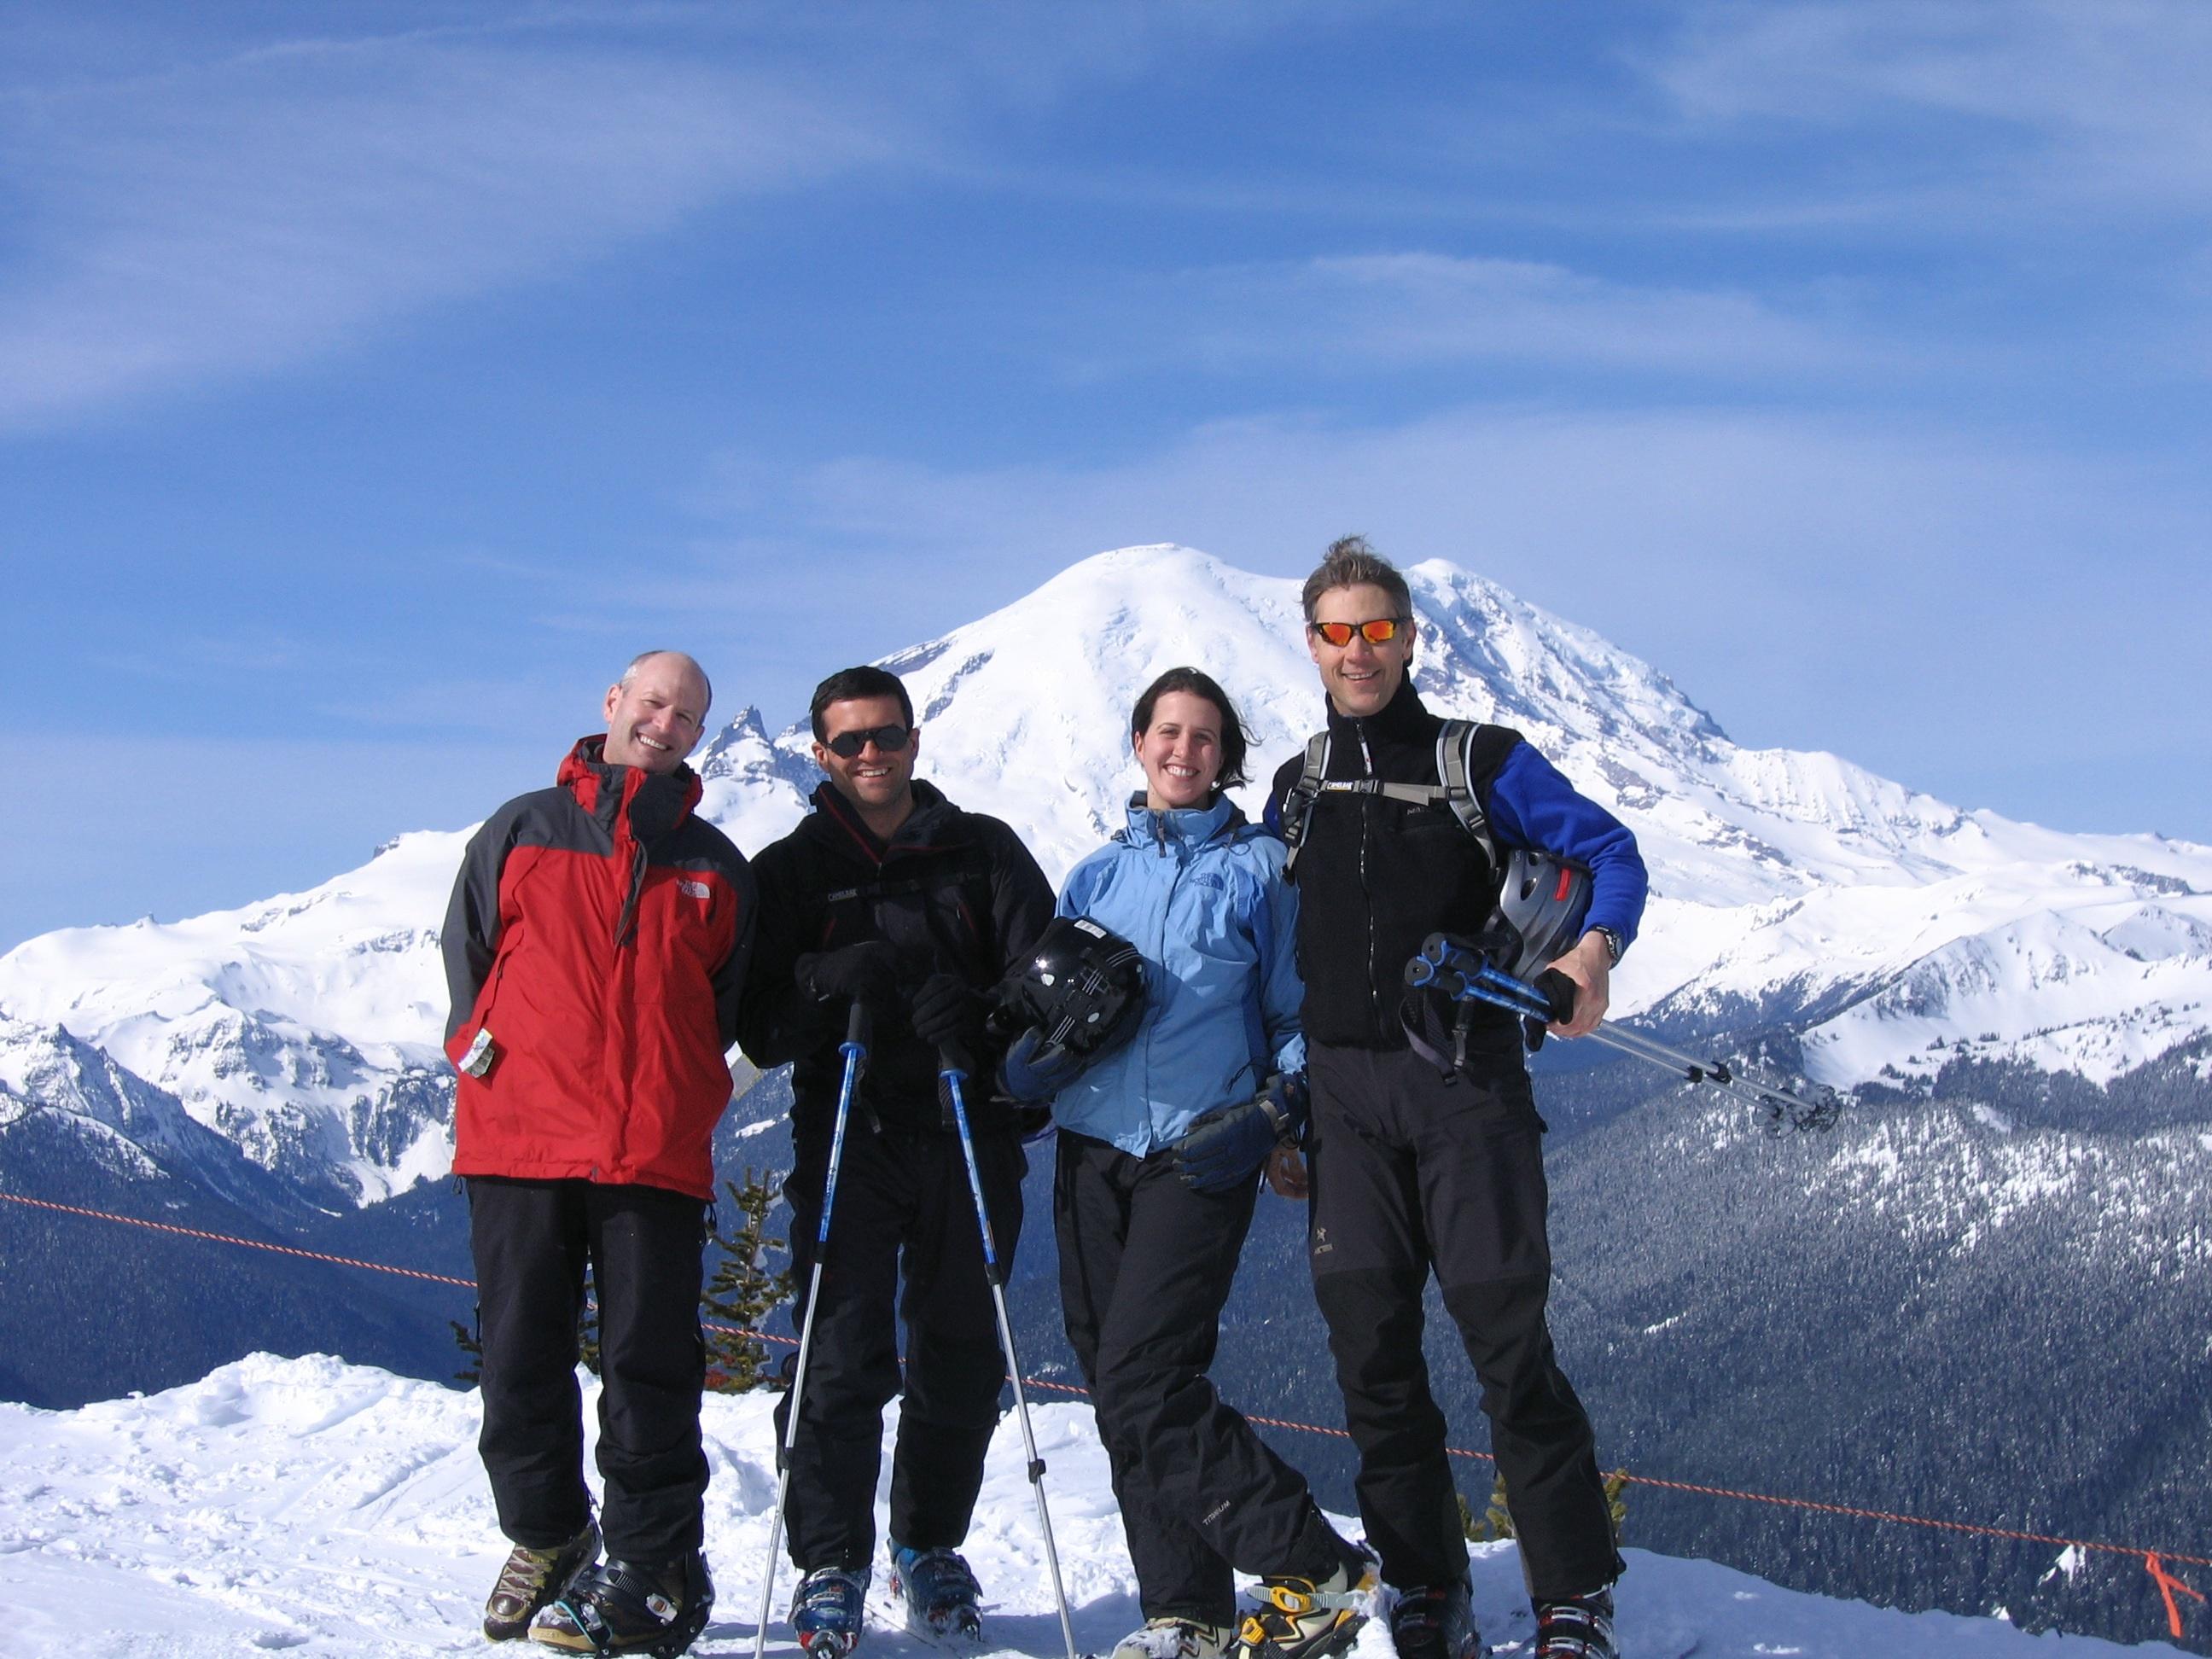 ttp://faculty.washington.edu/jsachs/lab/www/Research/people/Crystal_Mt_Rainier_lab_ski_4-5-09.jpg